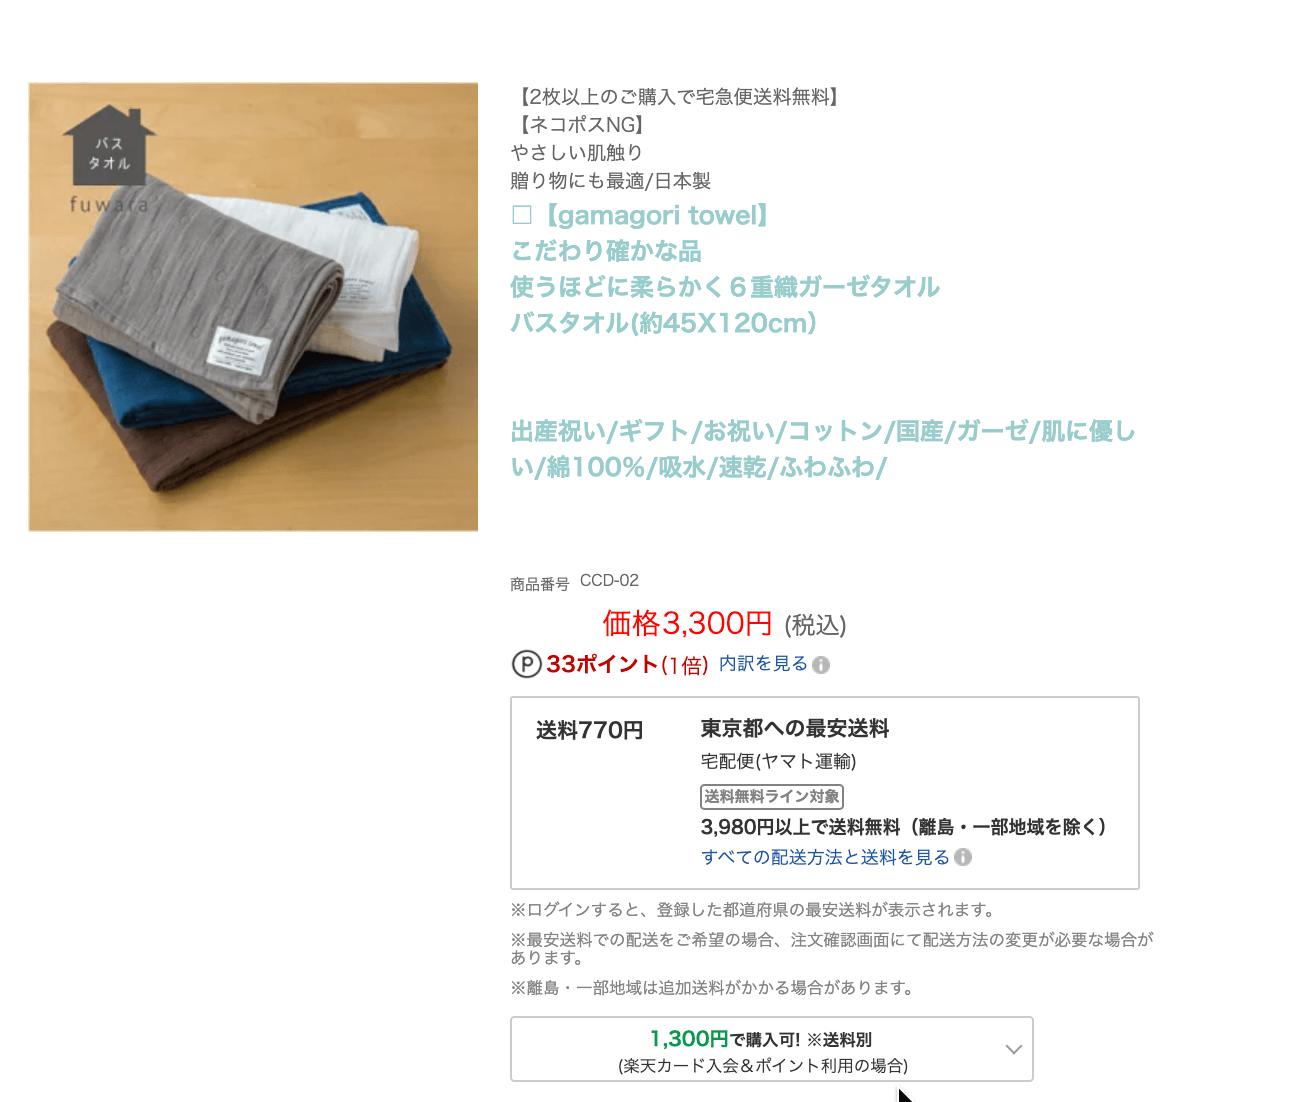 使うほどに柔らかく6重織ガーゼタオル バスタオル(120✕45cm)